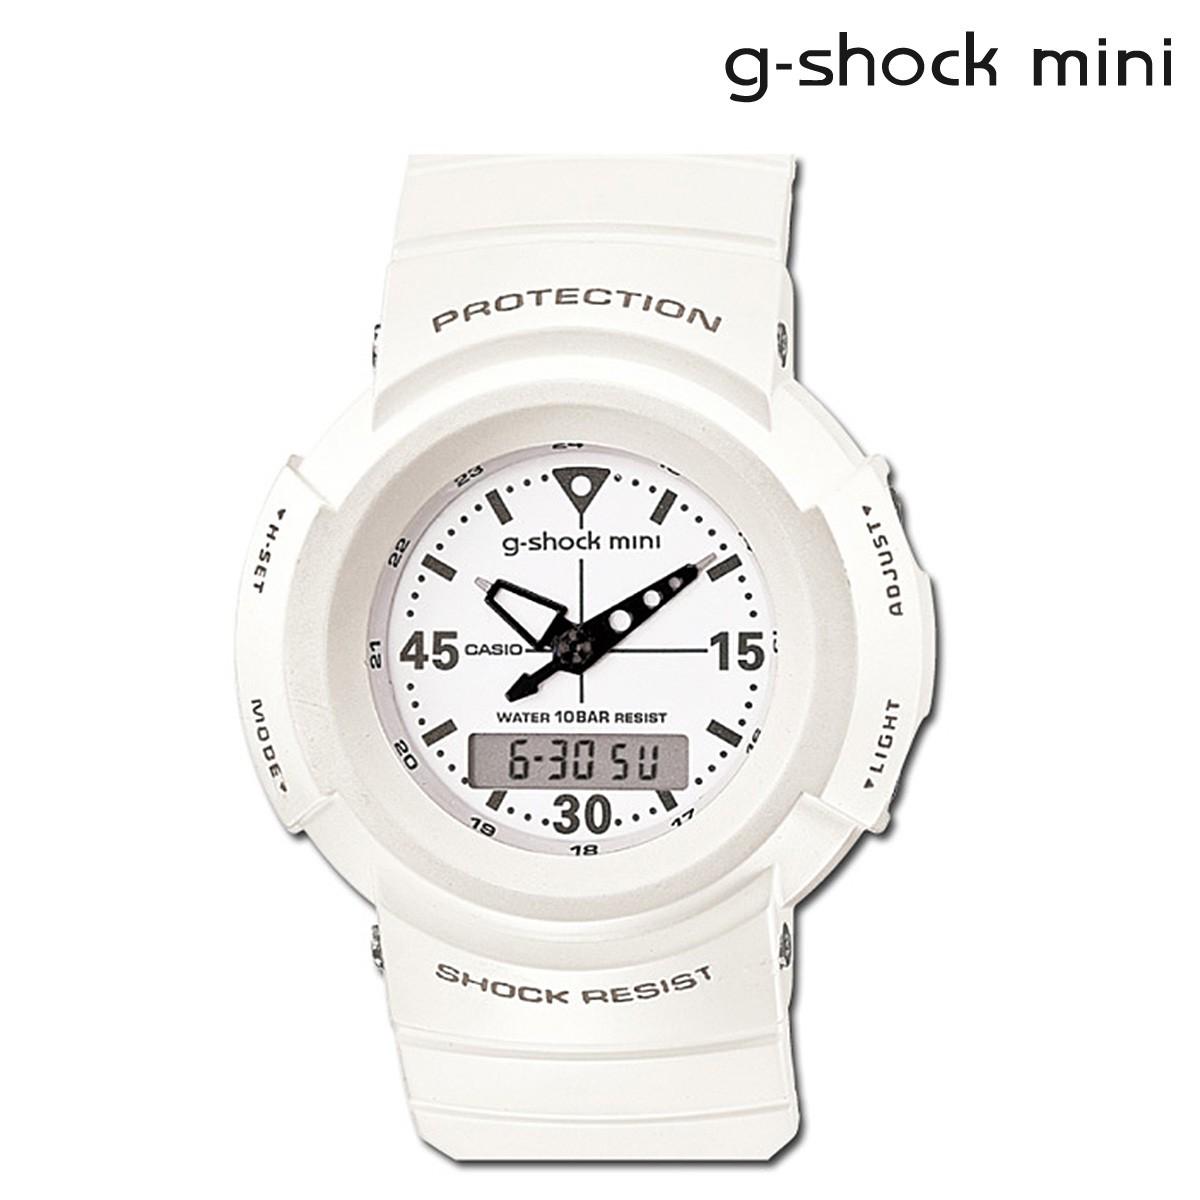 カシオ CASIO g-shock mini 腕時計 GMN-500-7BJR ジーショック ミニ Gショック G-ショック レディース [3/8 追加入荷]